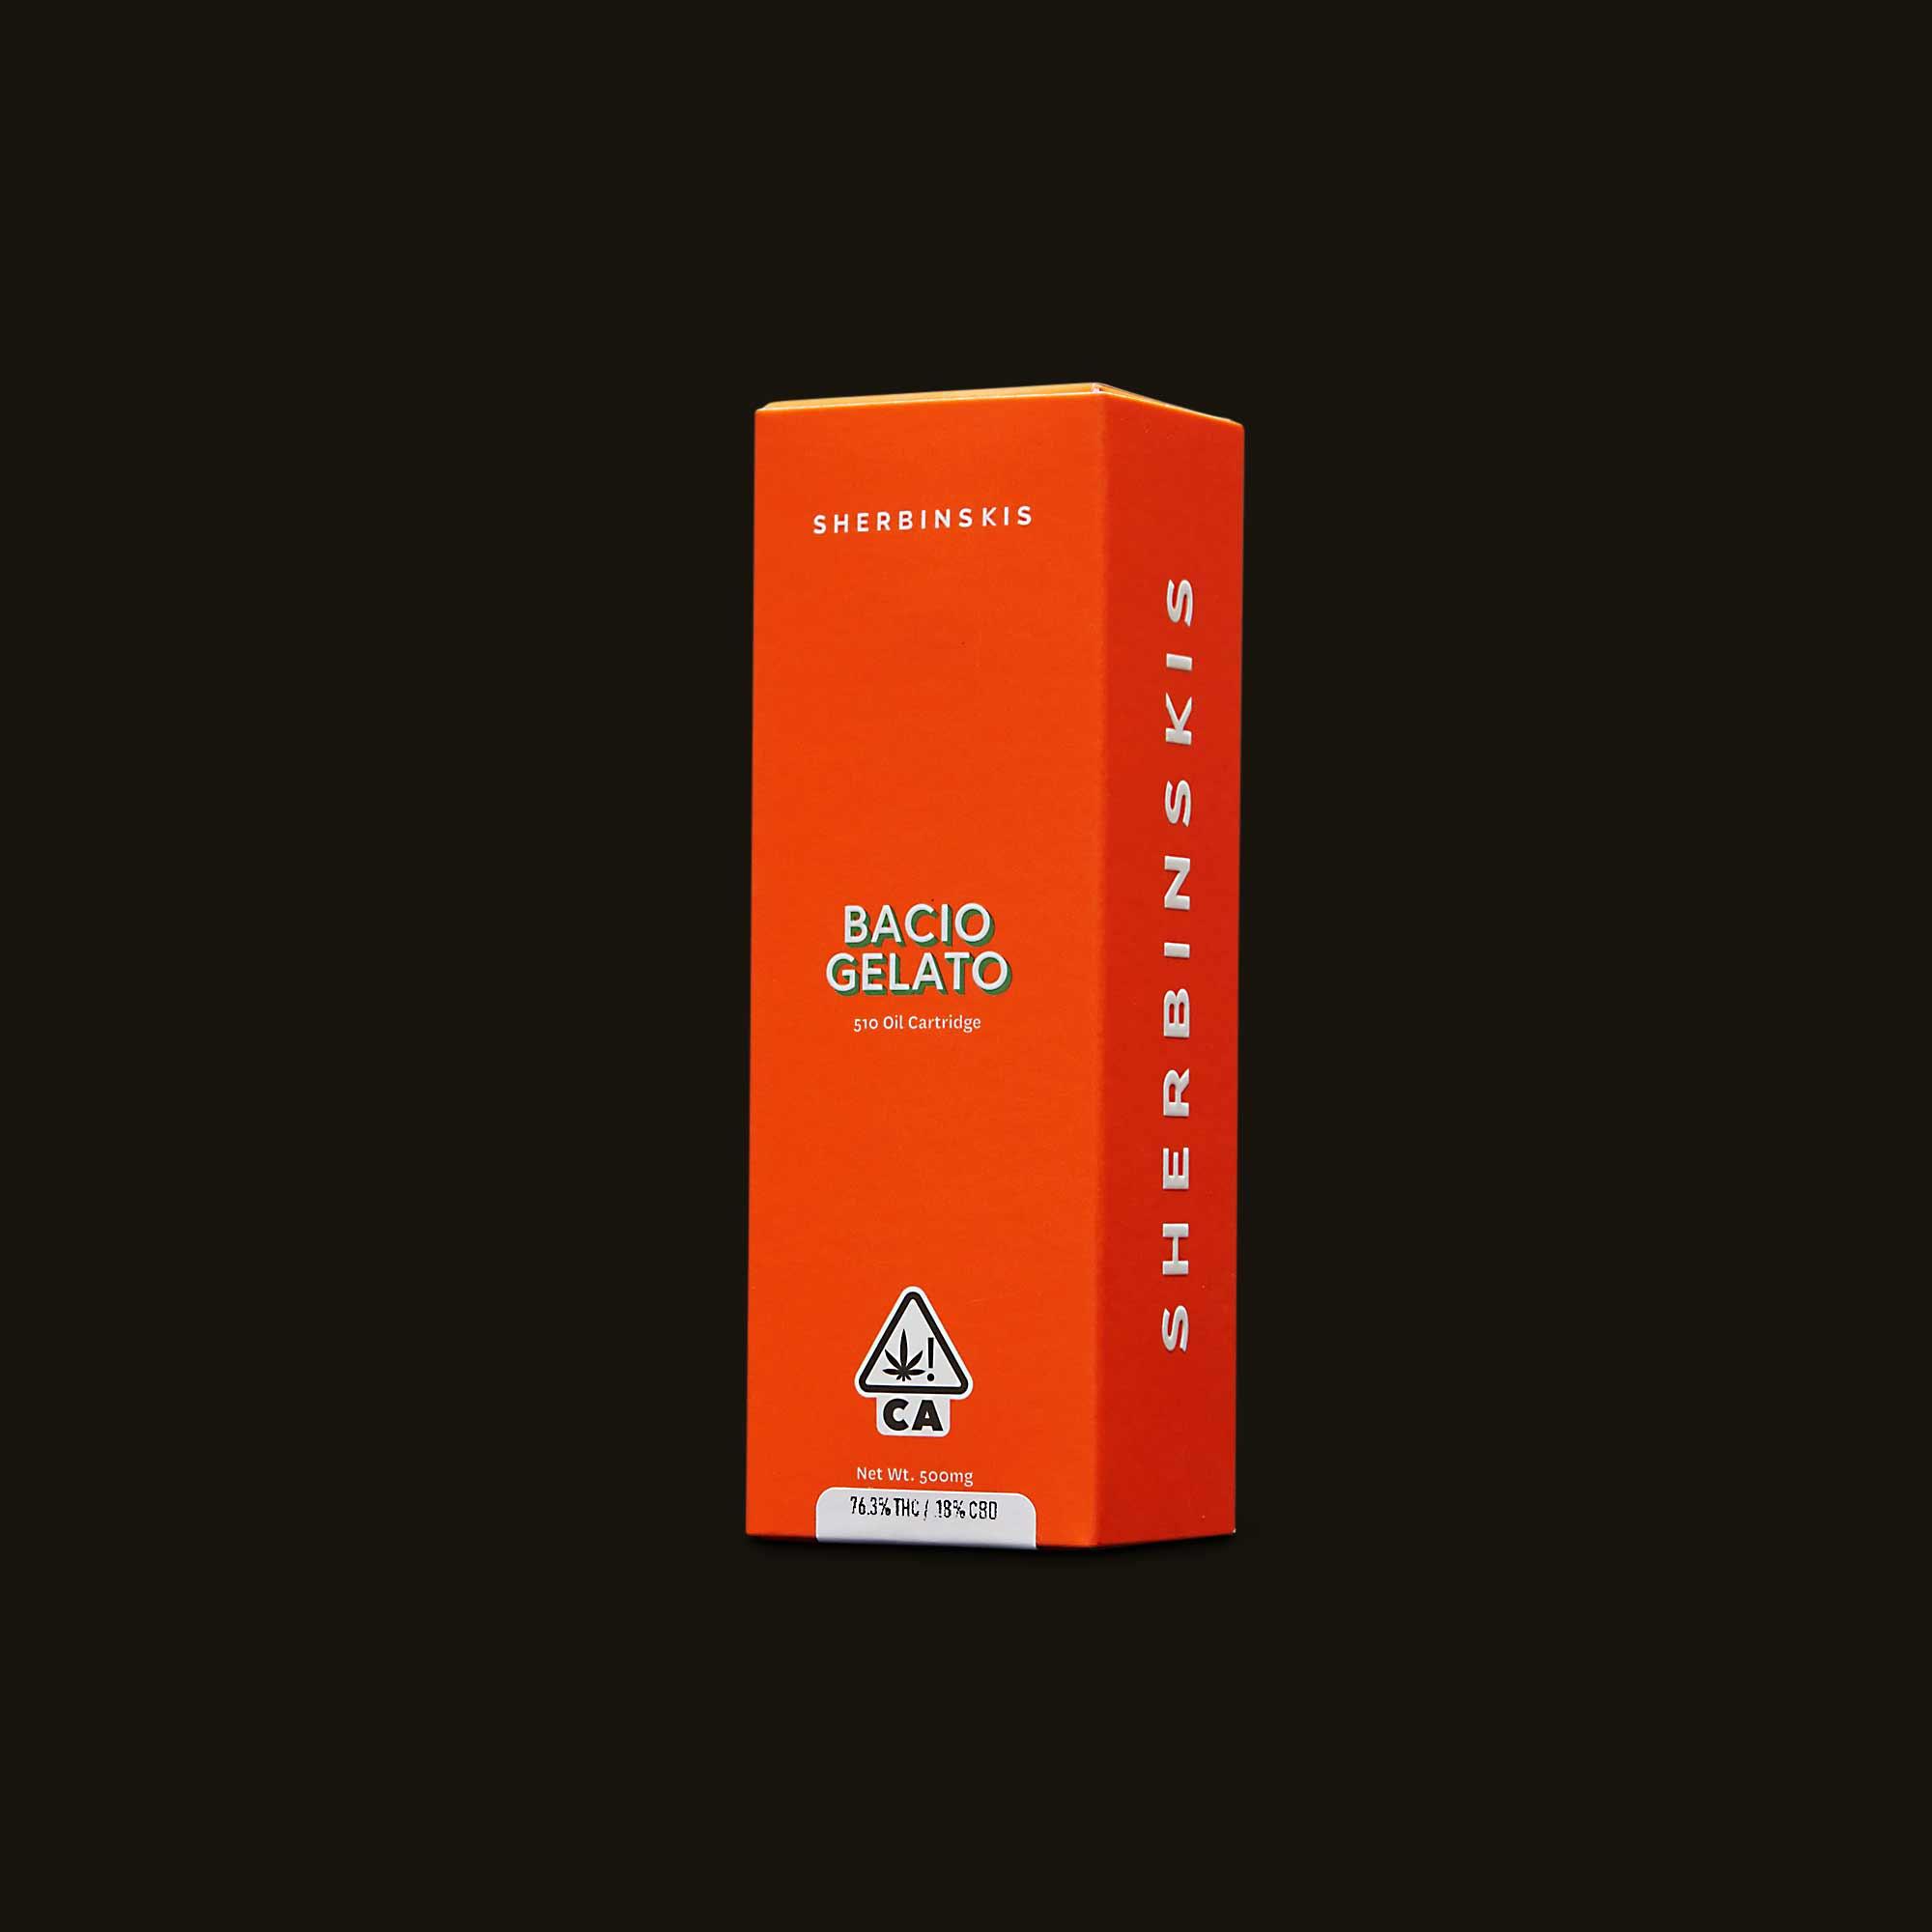 Bacio Gelato Cartridge - 500mg cartridge